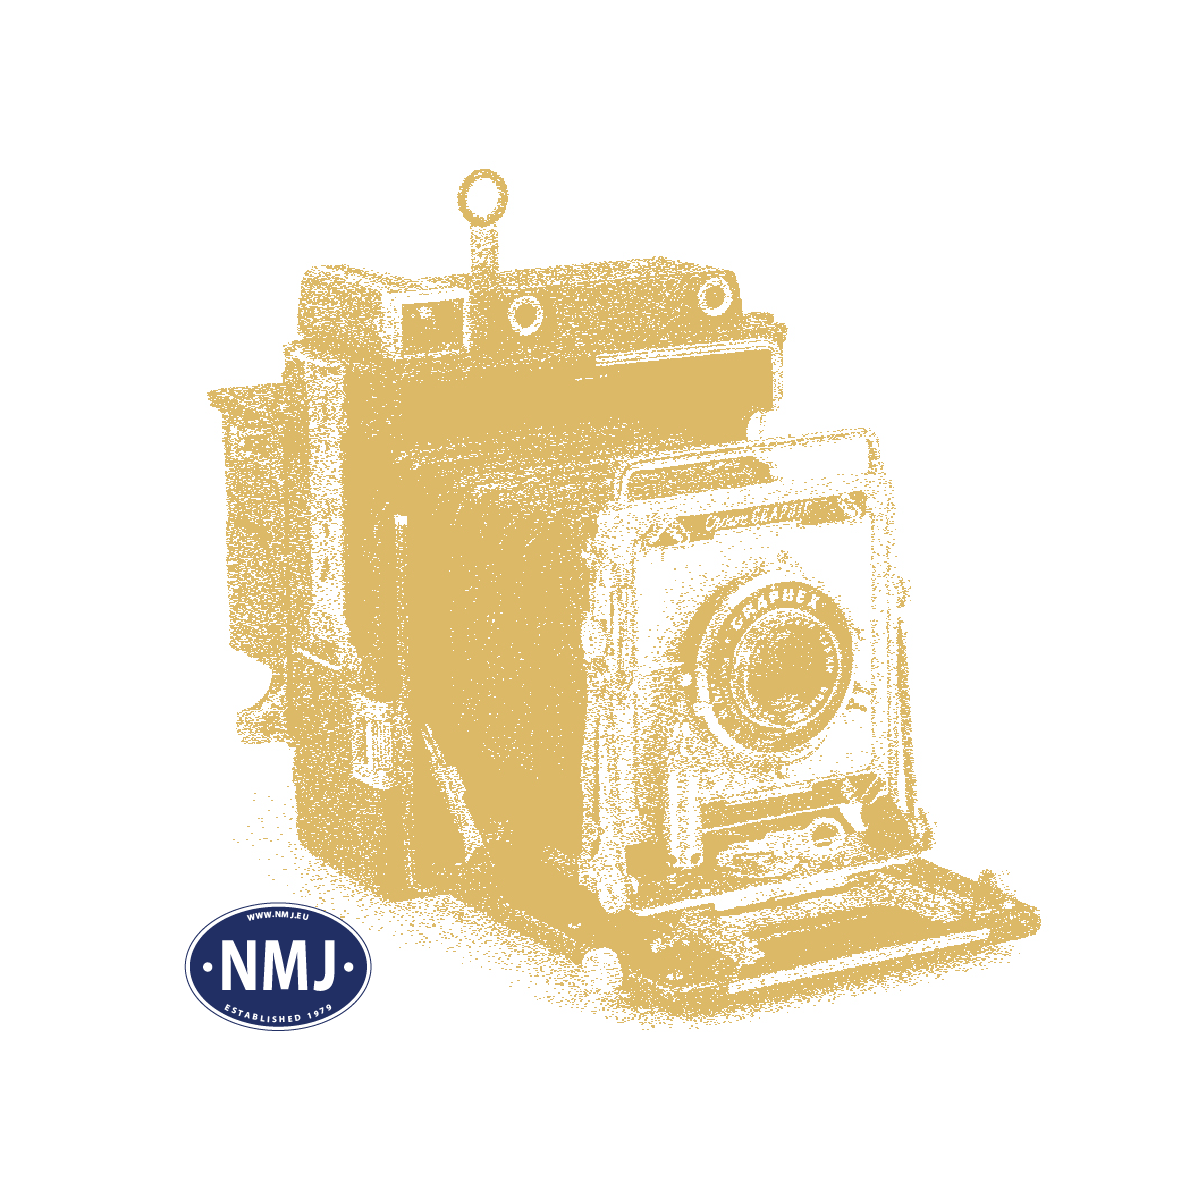 NMJT501.302 - NMJ Topline Os 2176-3700256-9 Rungenwagen der NSB mit Beladung